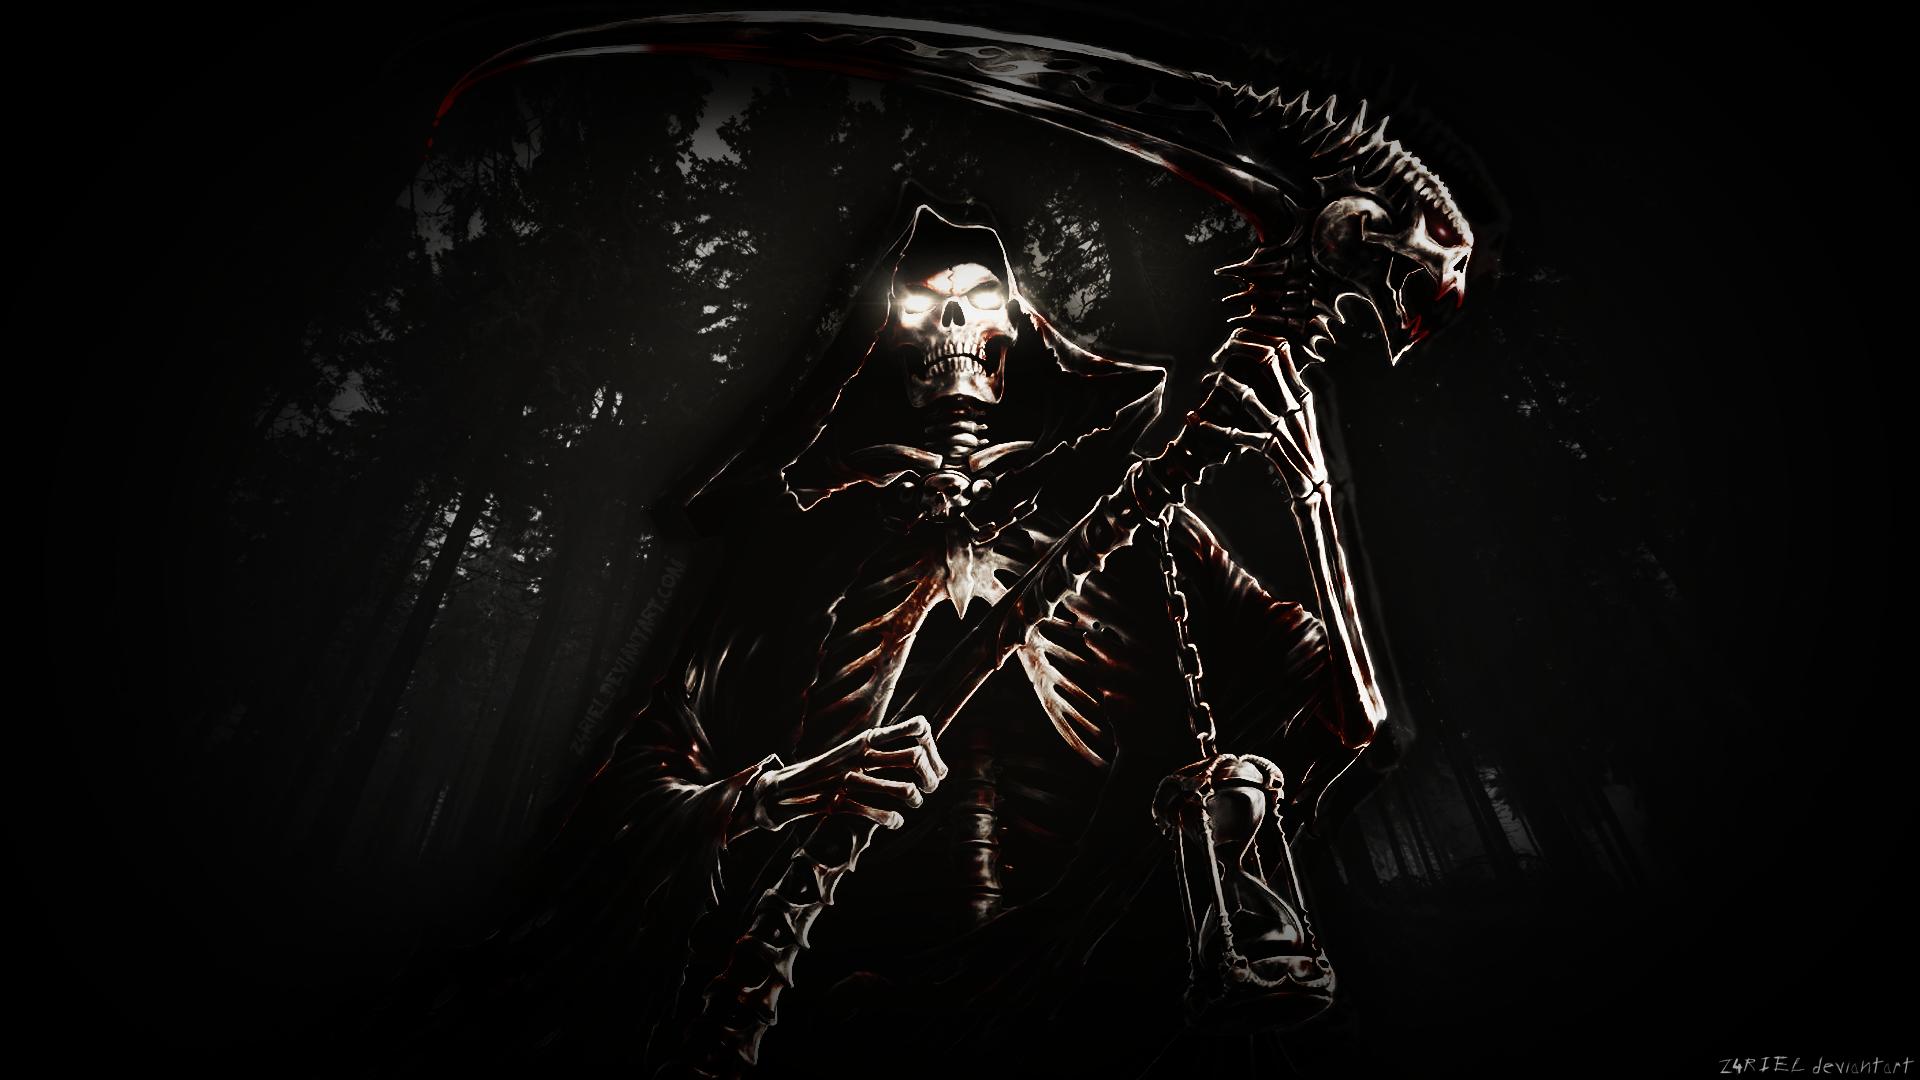 The reaper wallpaper - Reaper wallpaper ...